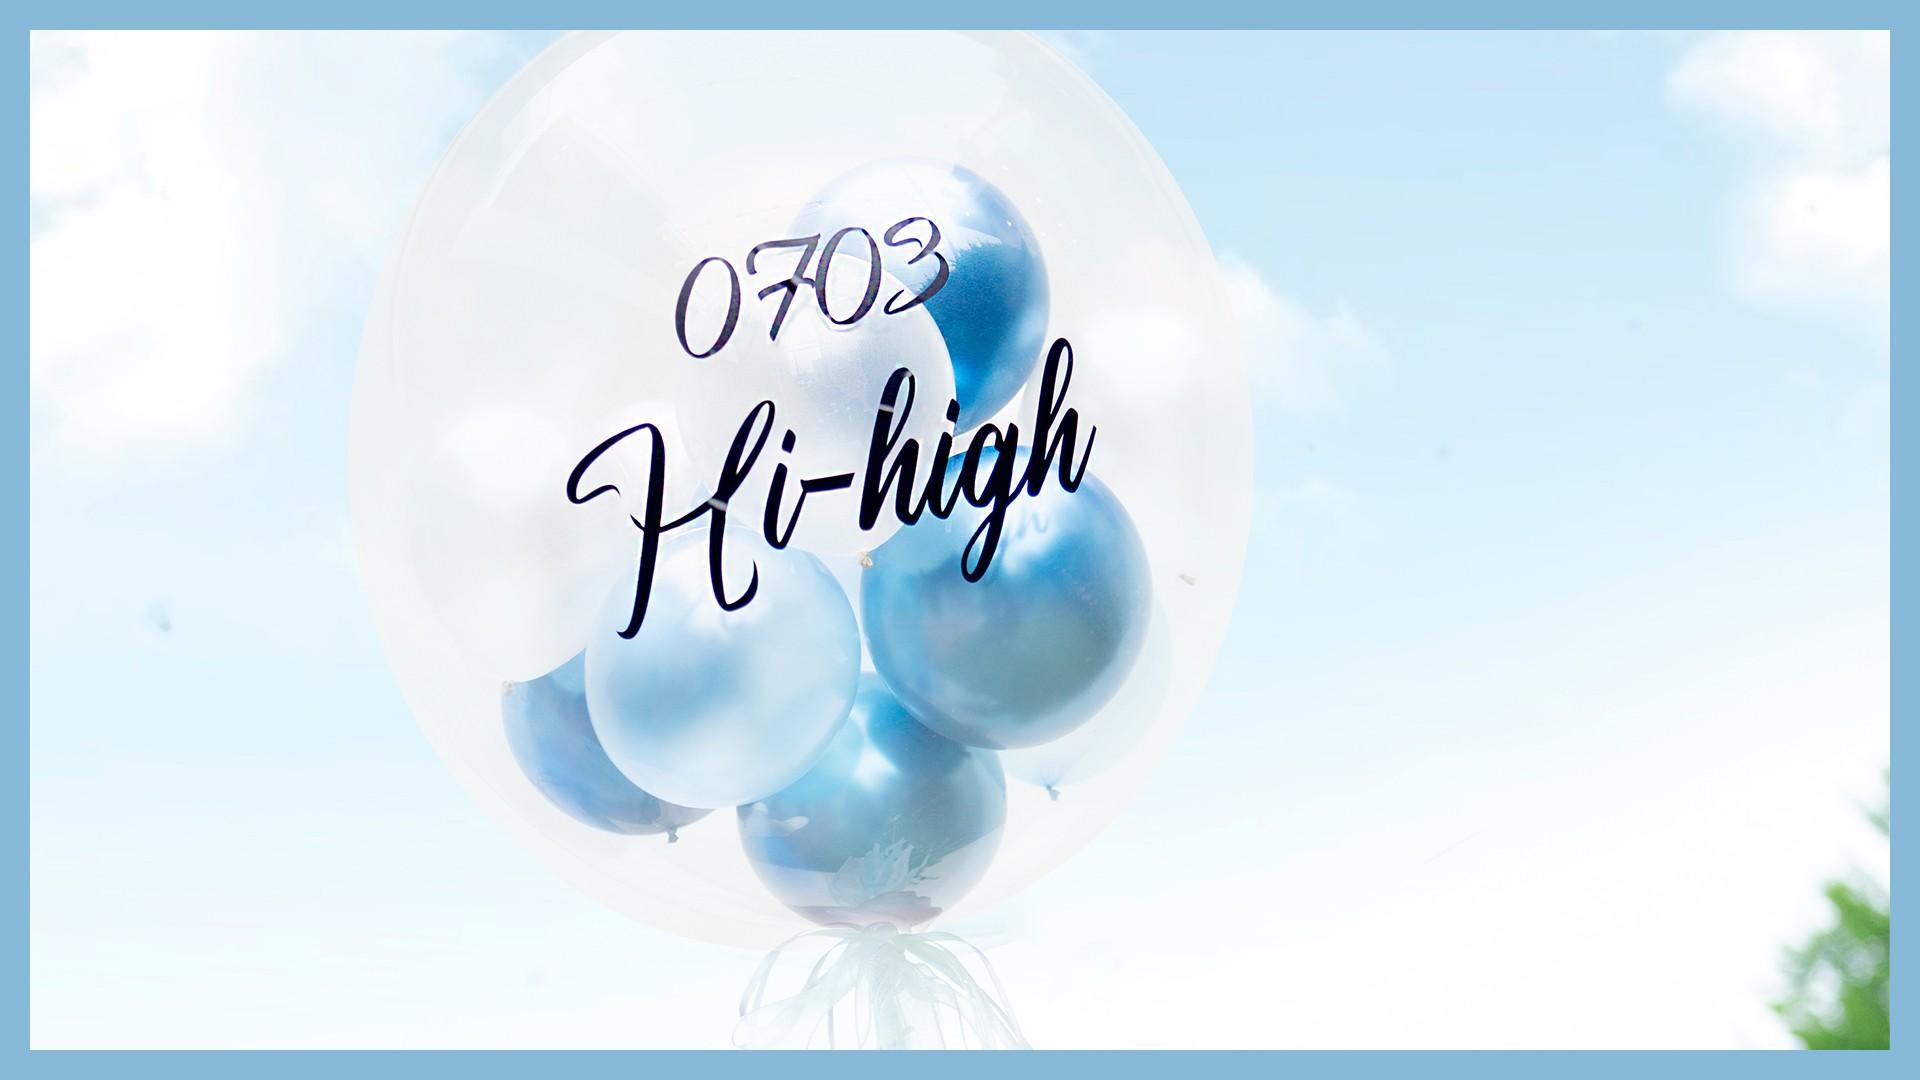 황인엽 [LIVE] Let's Hi-High!